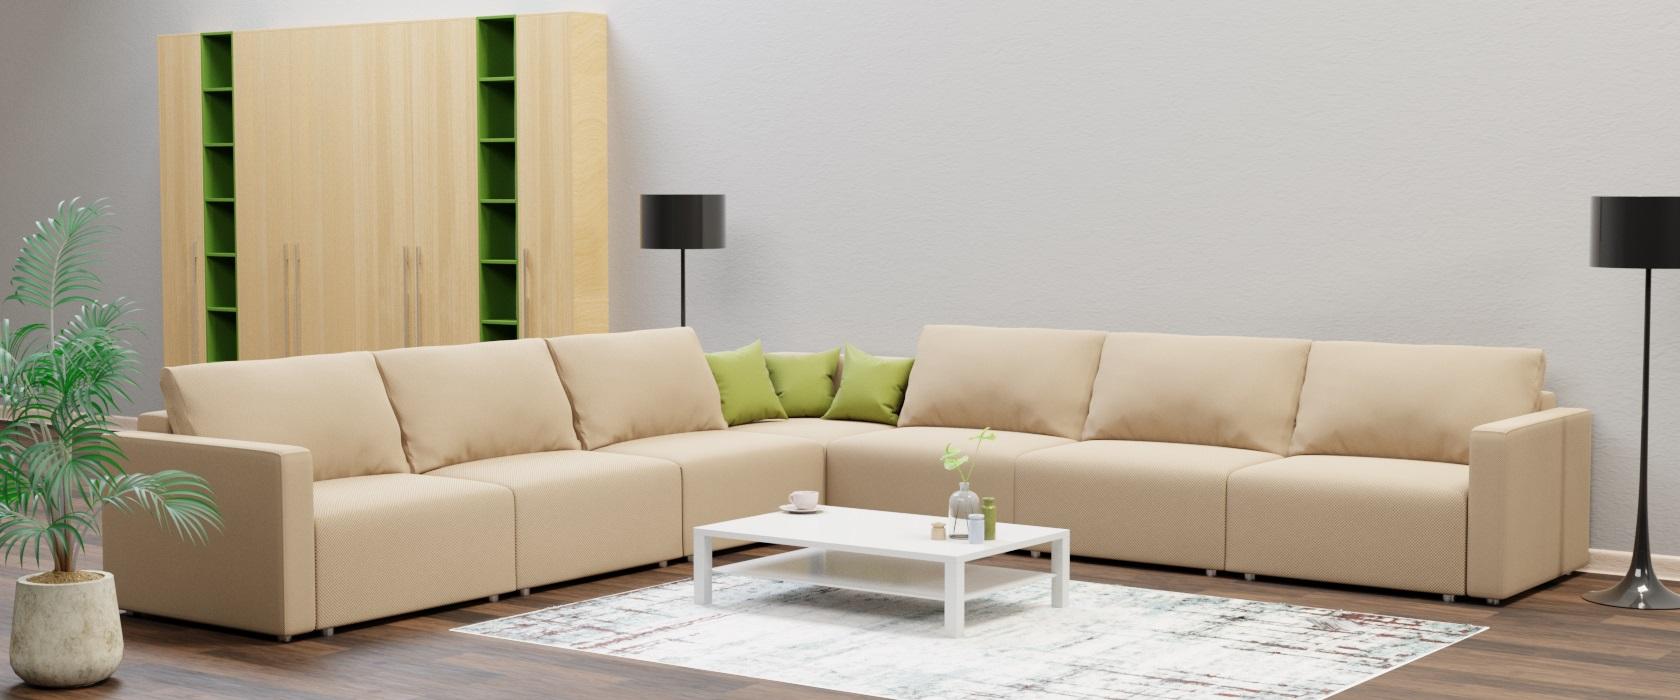 Модульный диван Greta 417x417 - Фото 2 - Pufetto